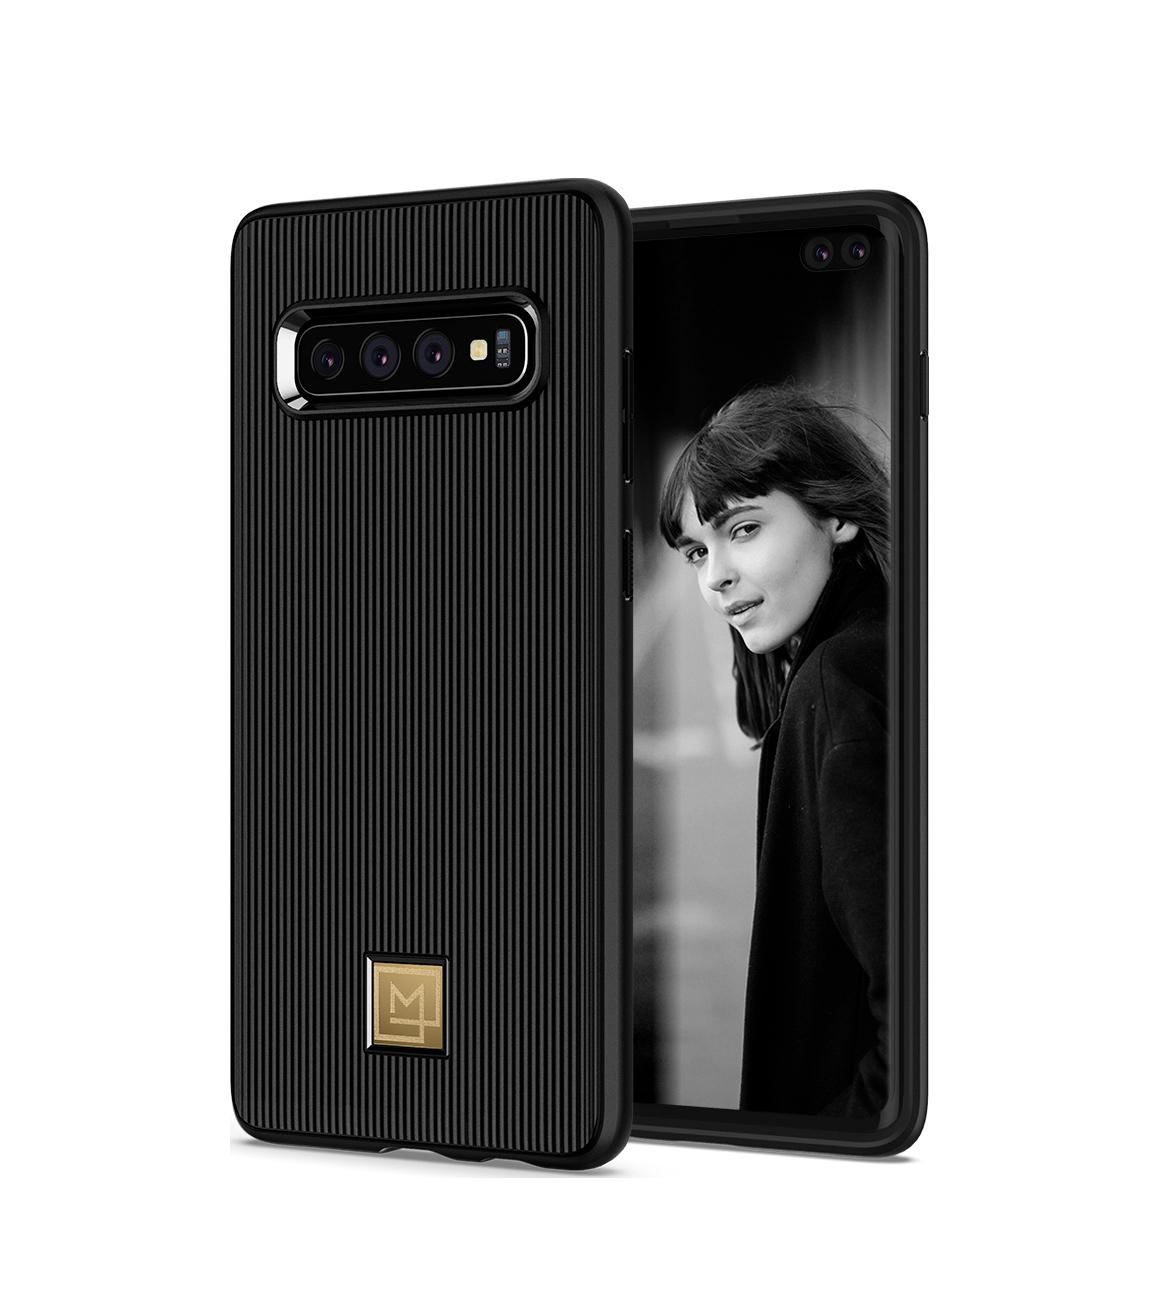 Θήκη Spigen La Manon Classy Back Cover για Samsung Galaxy S10 Plus G975 Black